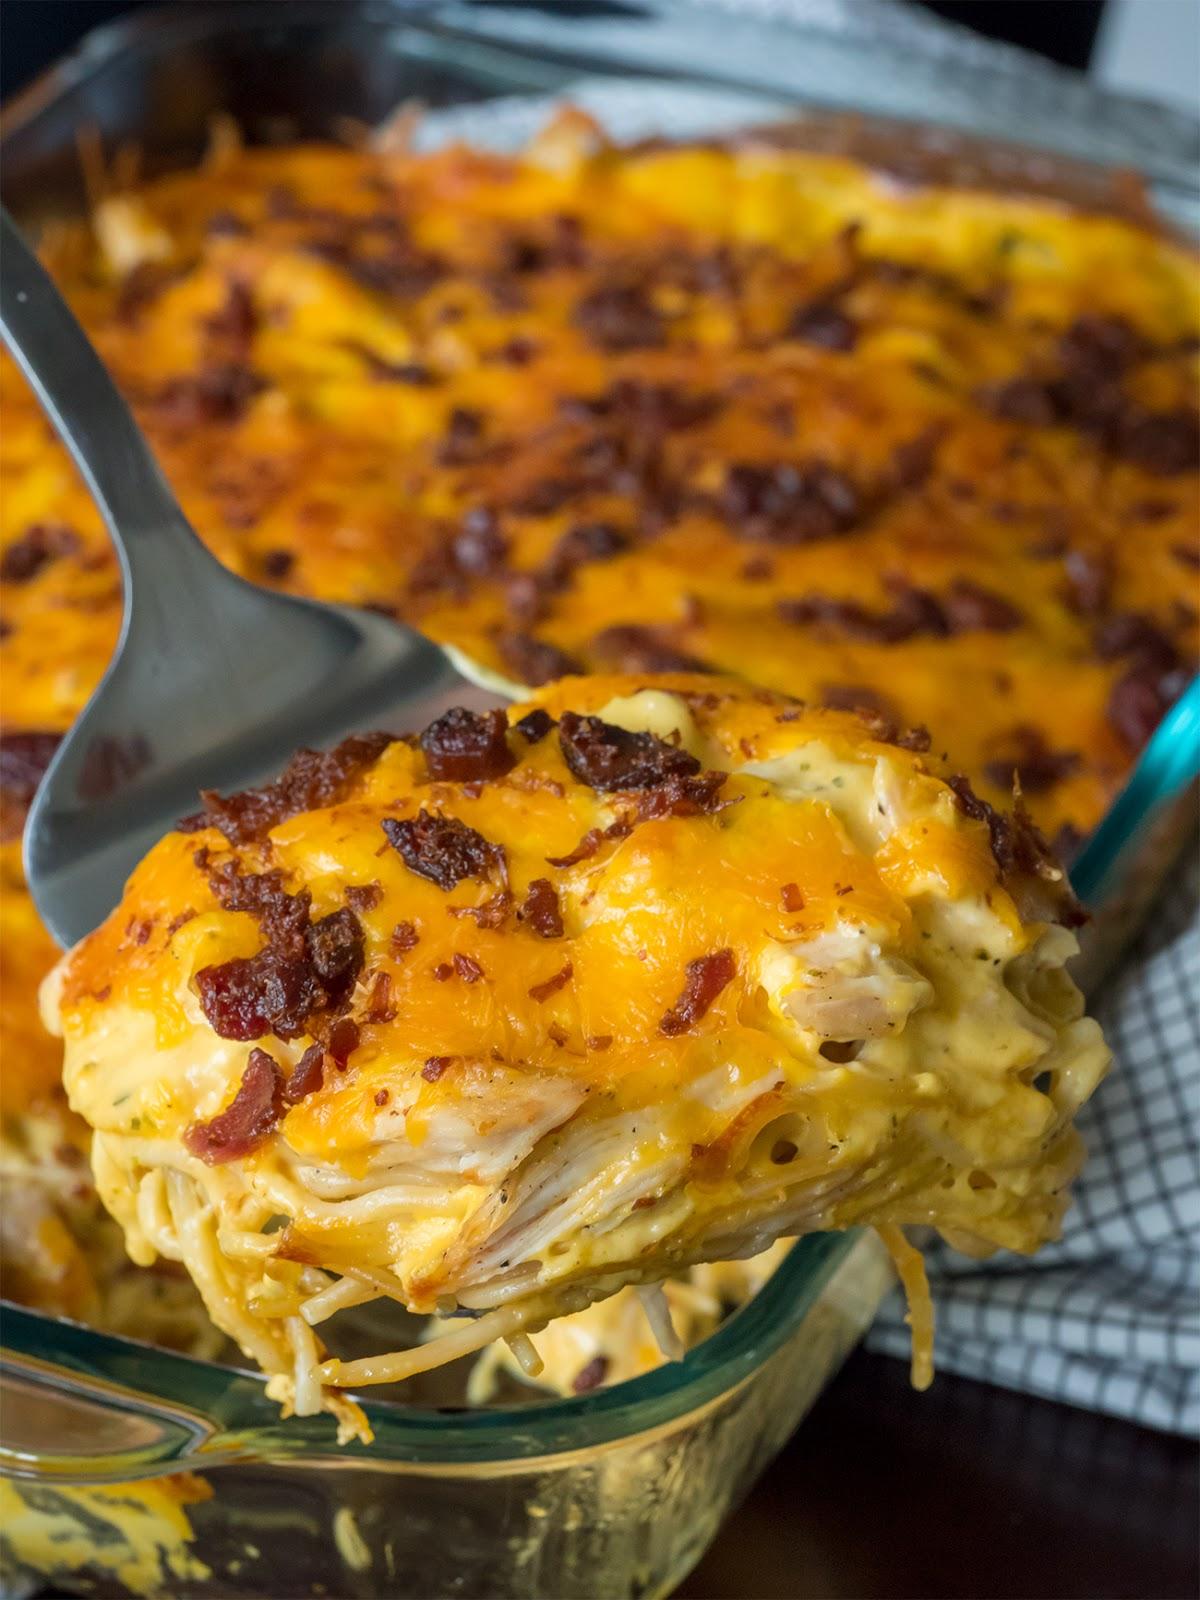 CHEESY CRACK CHICKEN CASSEROLE  #casserole #chicken #dinner #mealhealthy #familyrecipes